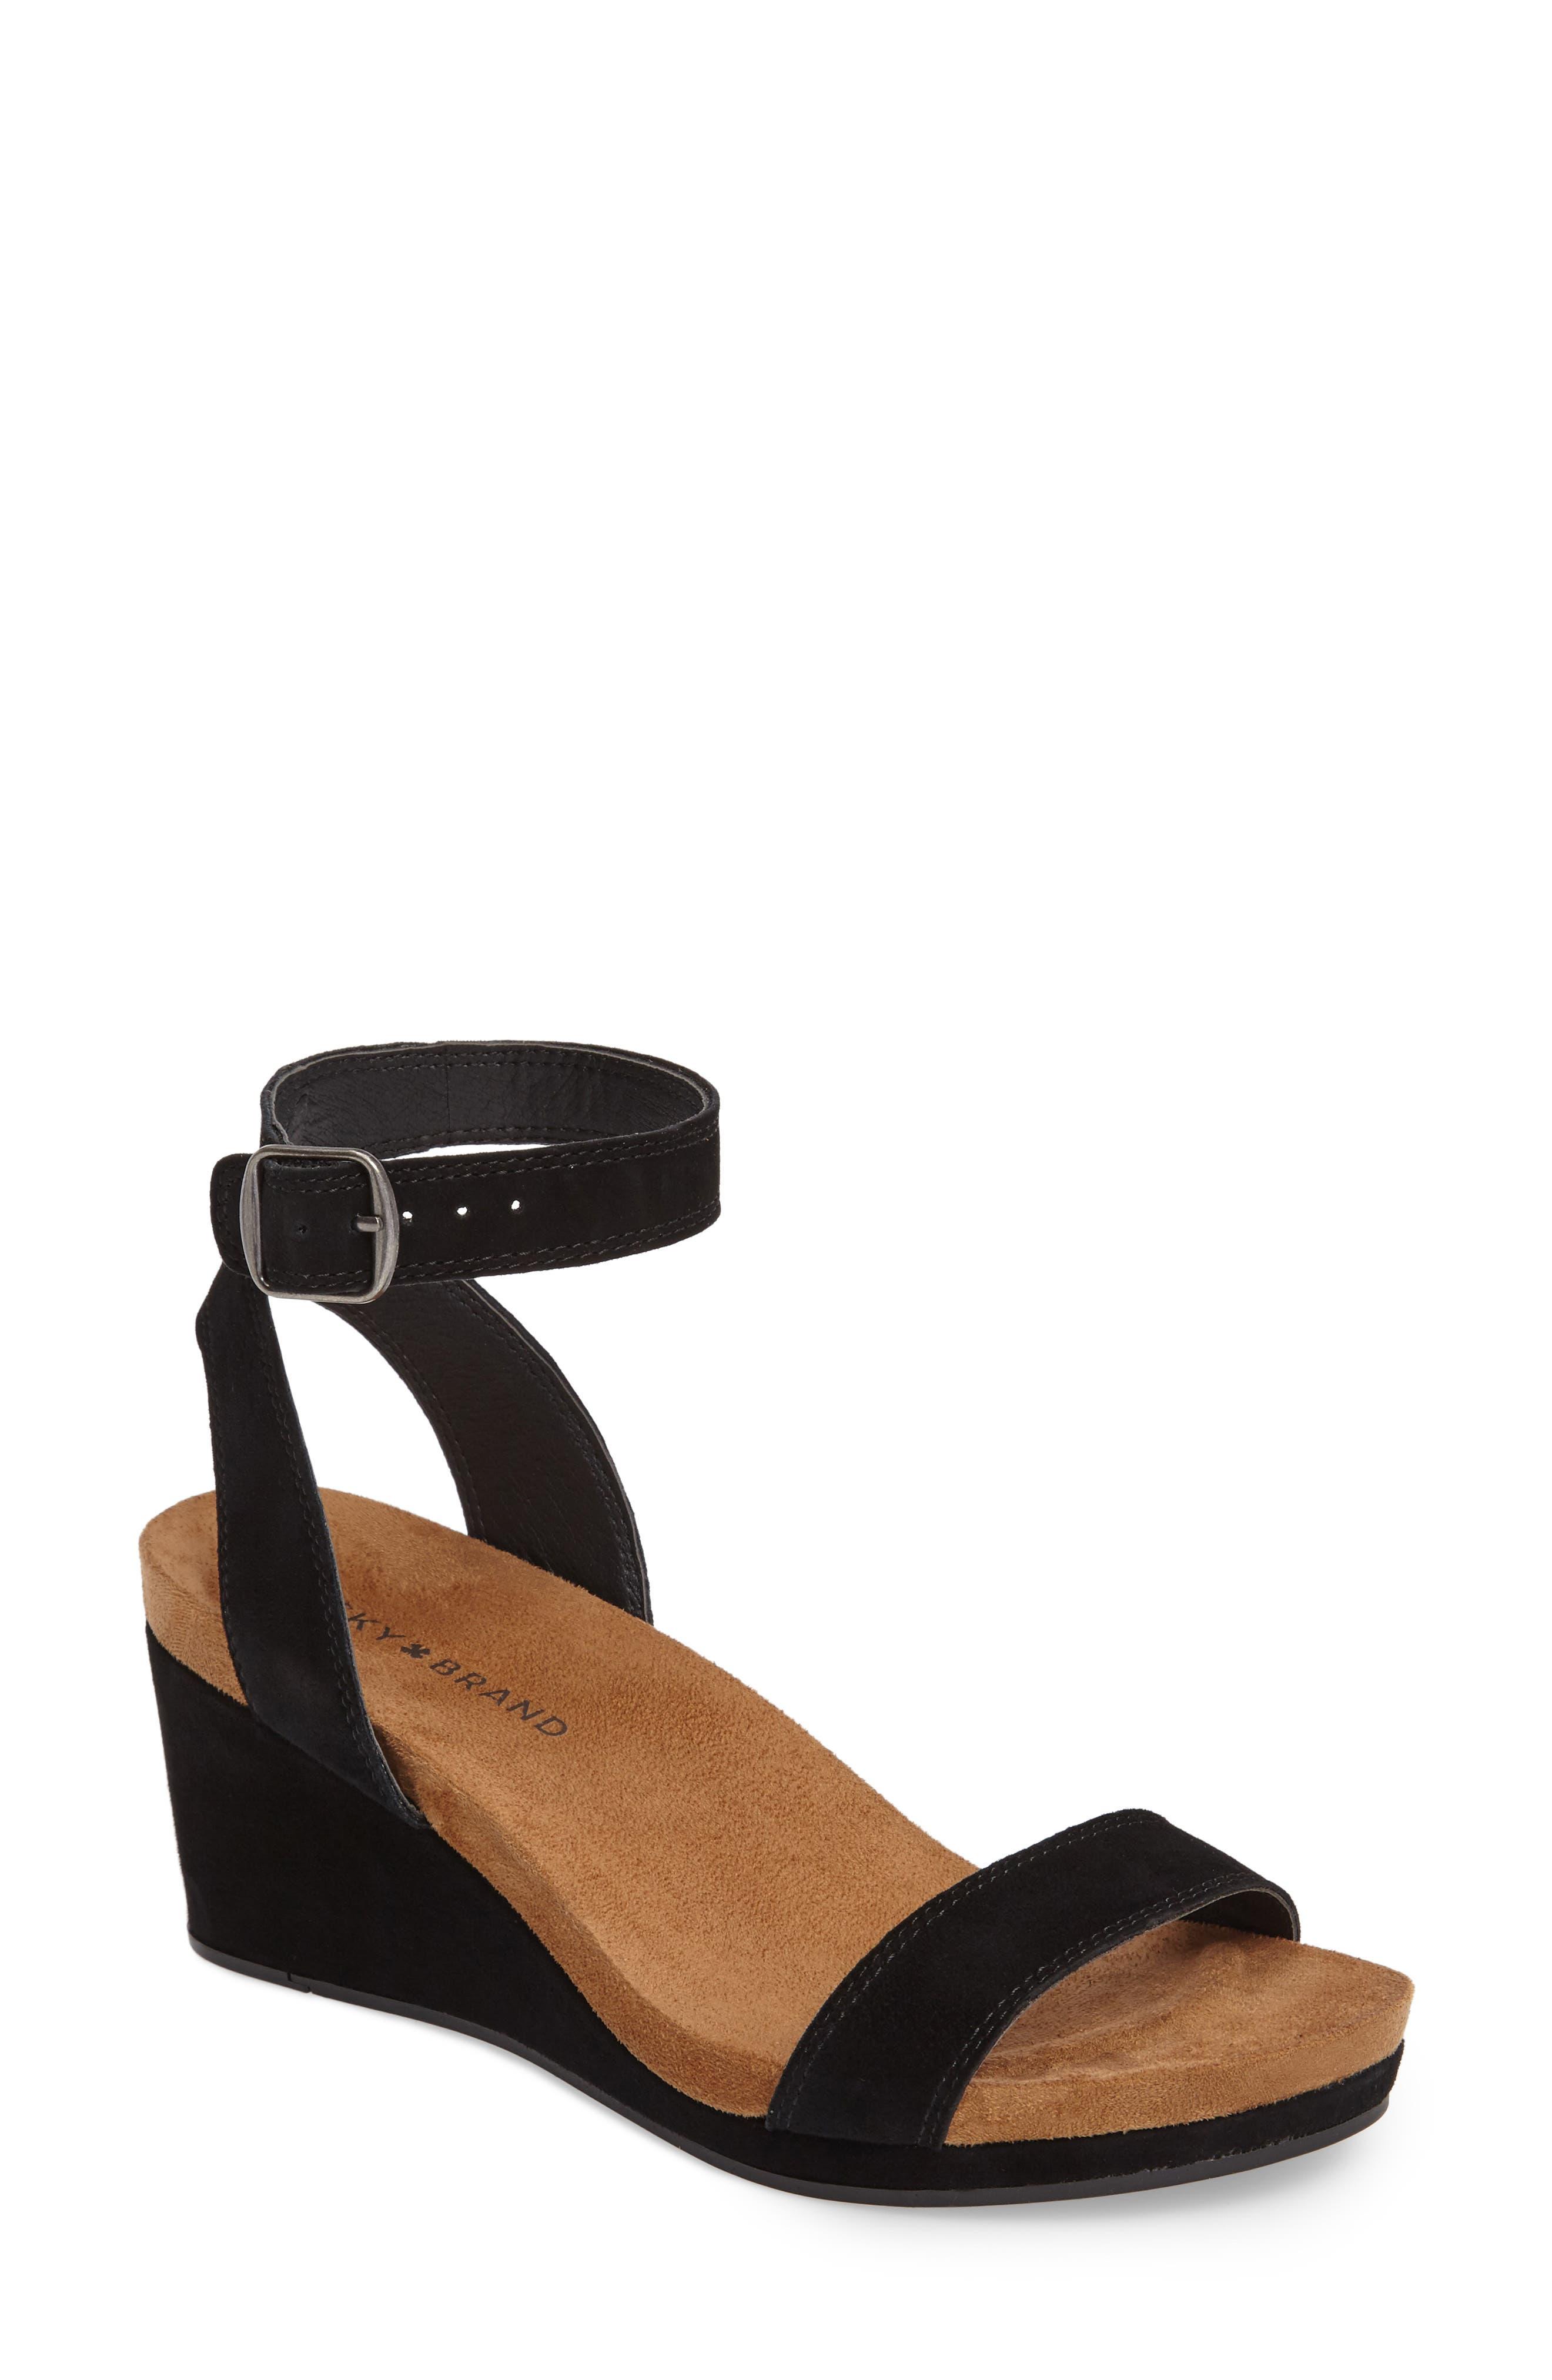 Main Image - Lucky Brand Karston Wedge Sandal (Women)